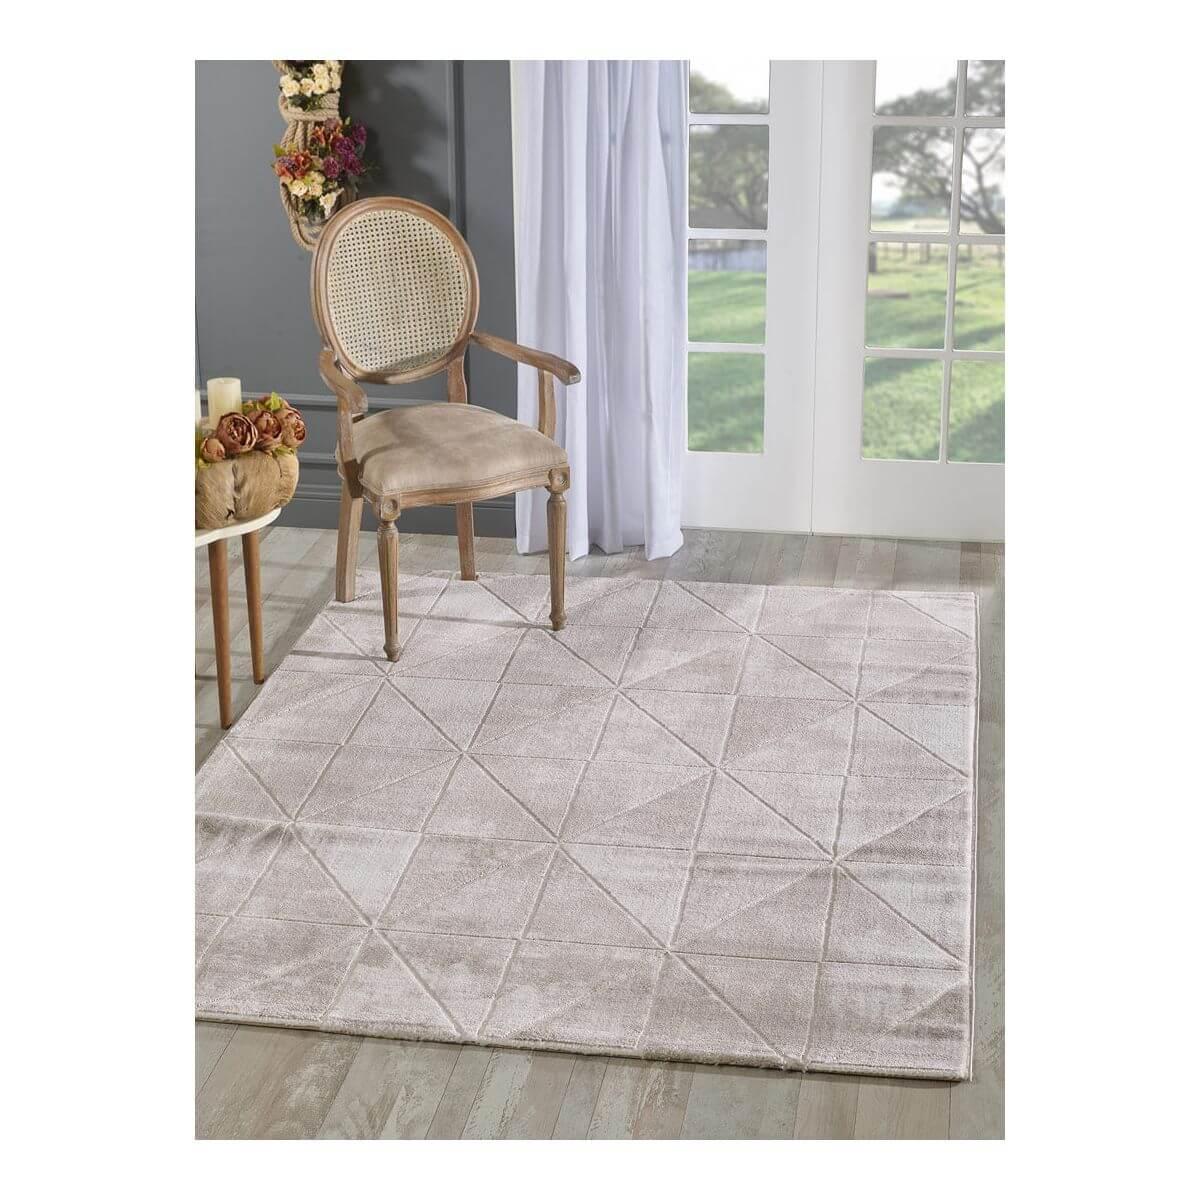 Tapis géométrique scandinave en polyester vison 120x160